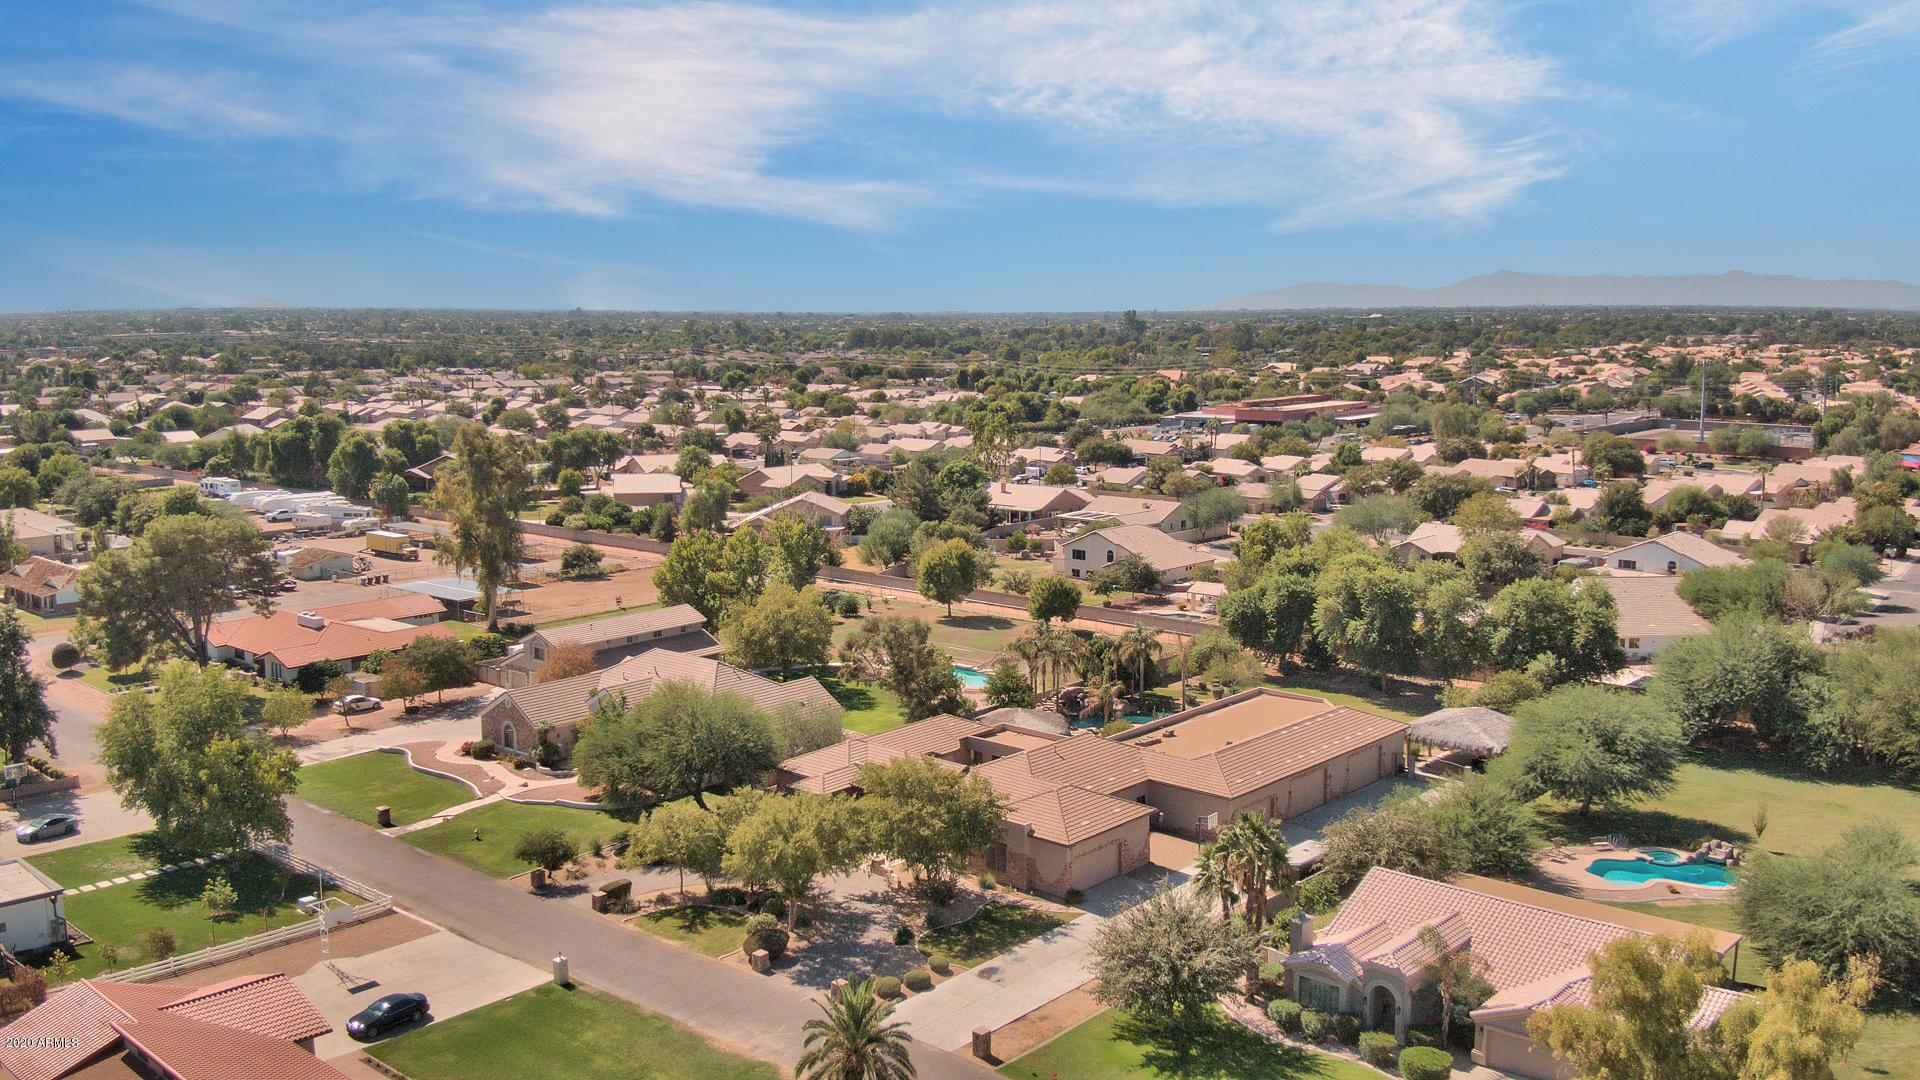 MLS 6154627 120 S RANCHOS LEGANTE Drive, Gilbert, AZ 85296 Horse Property